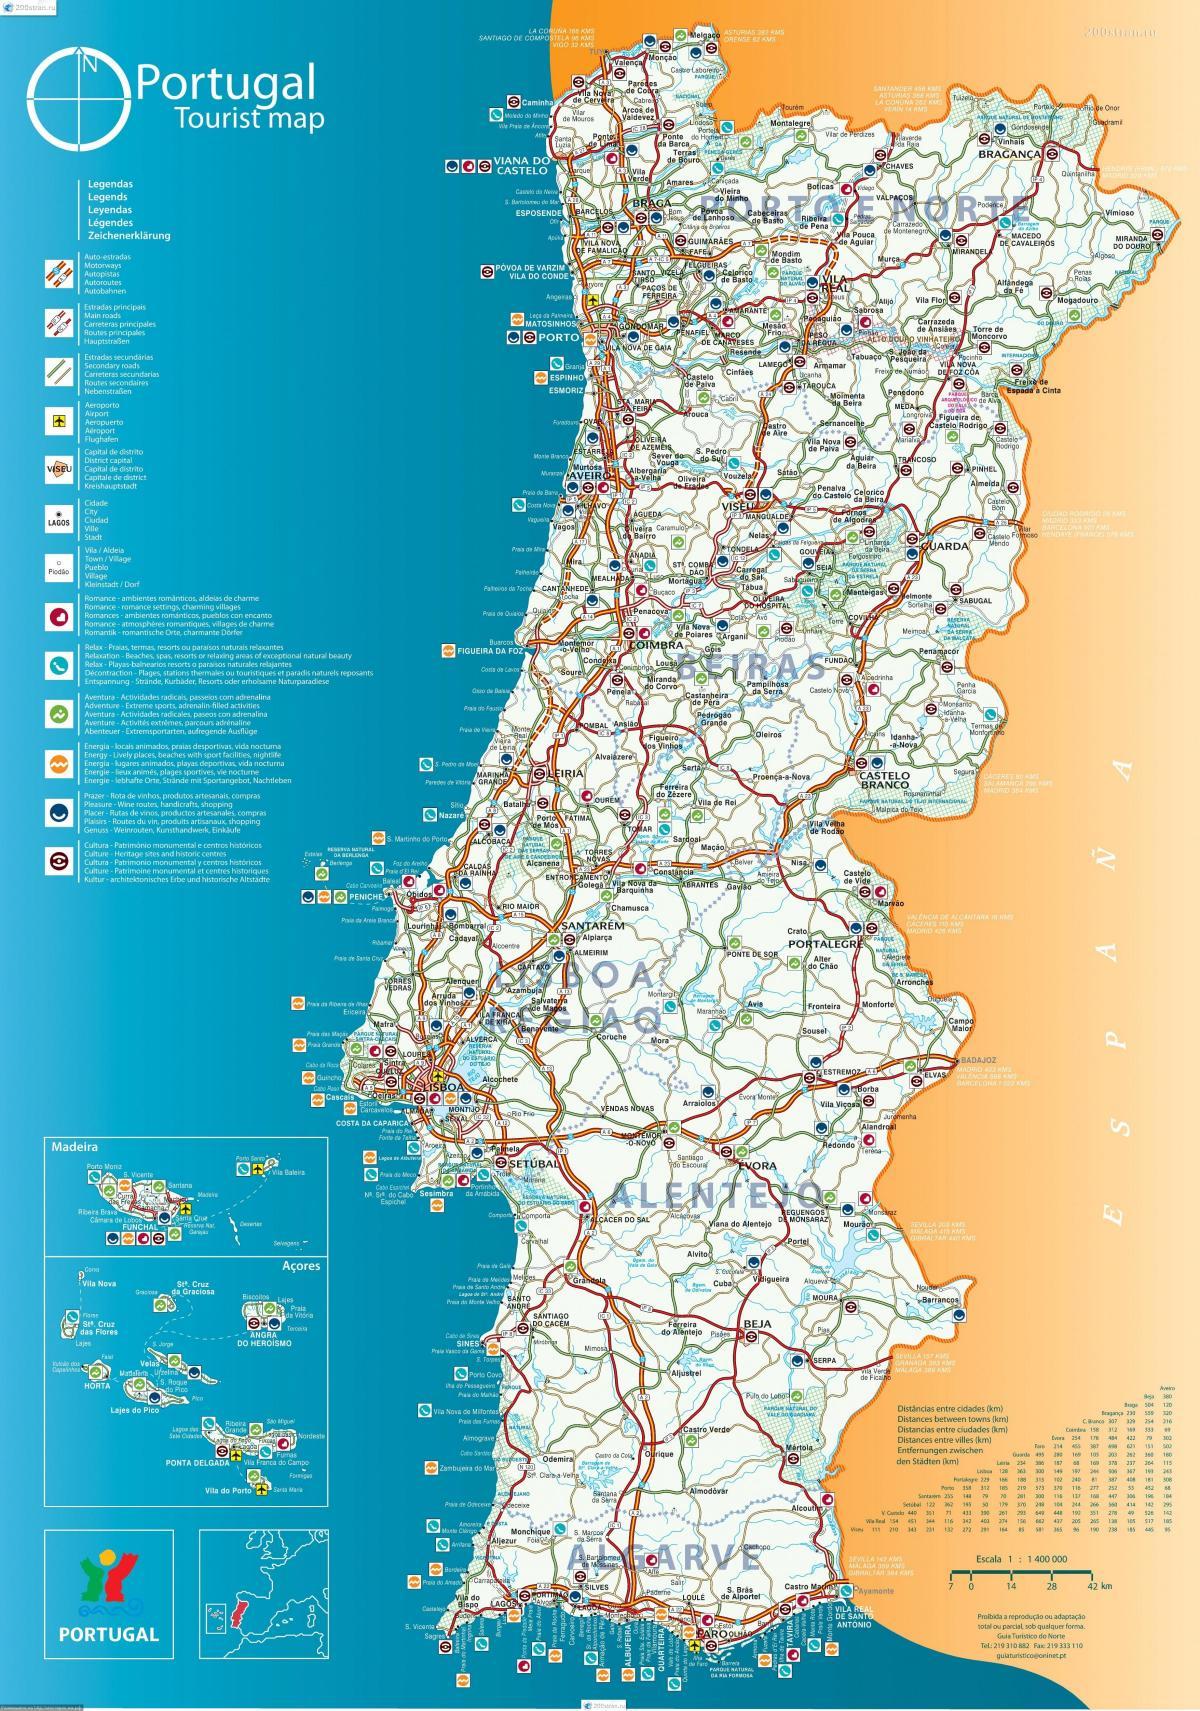 Cartina Di Portogallo.Portogallo Localita Sulla Mappa Cartina Del Portogallo Resorts Europa Del Sud Europa